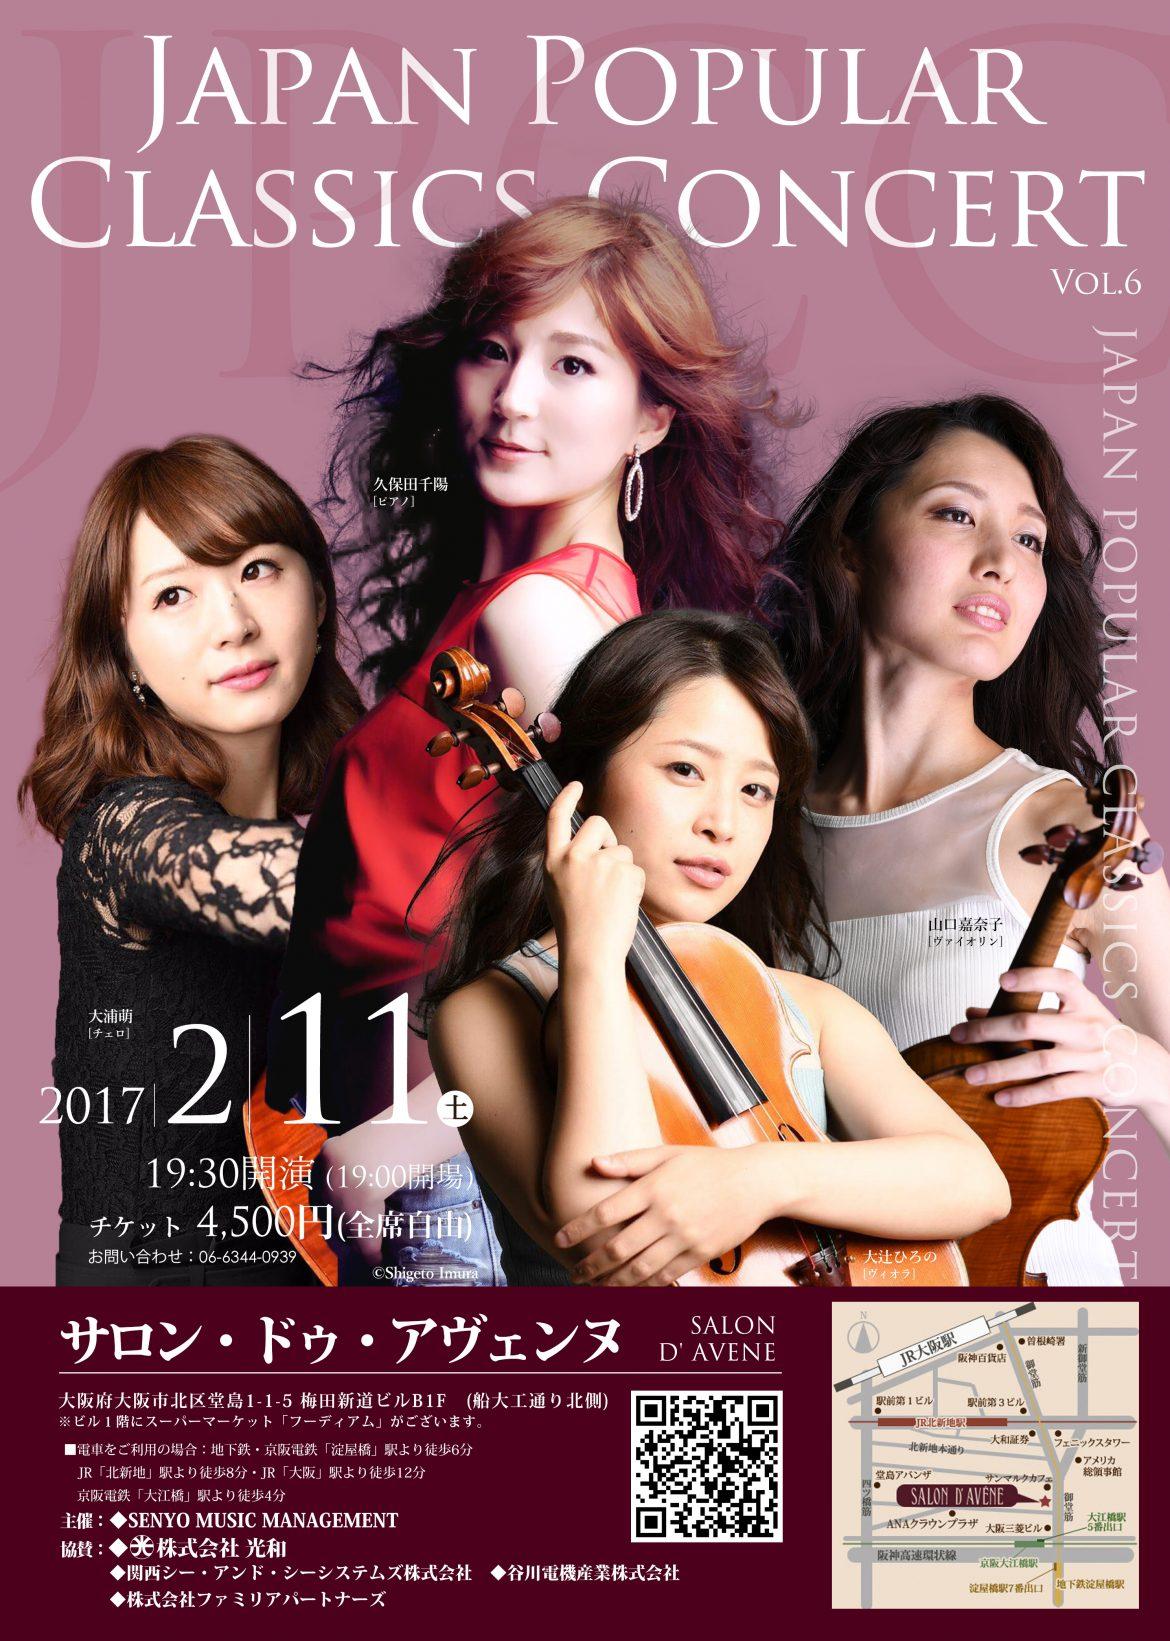 2017.2.11 第6回 JAPAN POPULAR CLASSICS CONCERT in 大阪